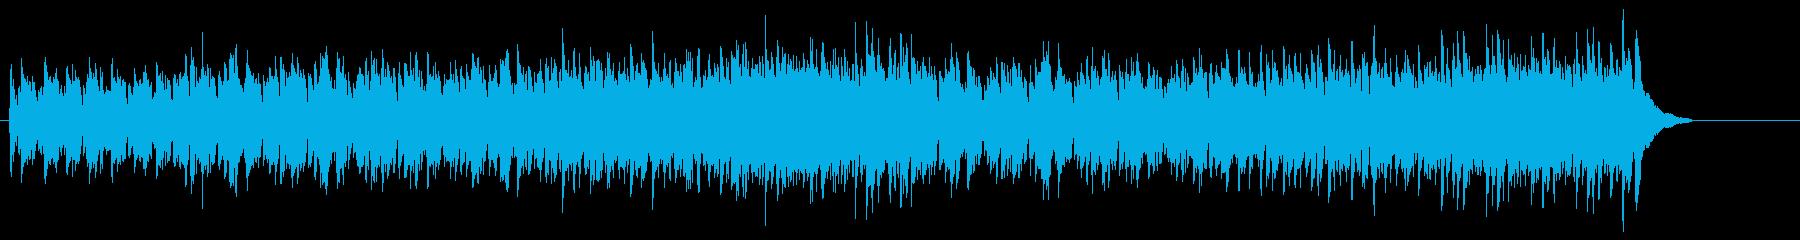 楽しい外国民謡調フォーク・ソングの再生済みの波形